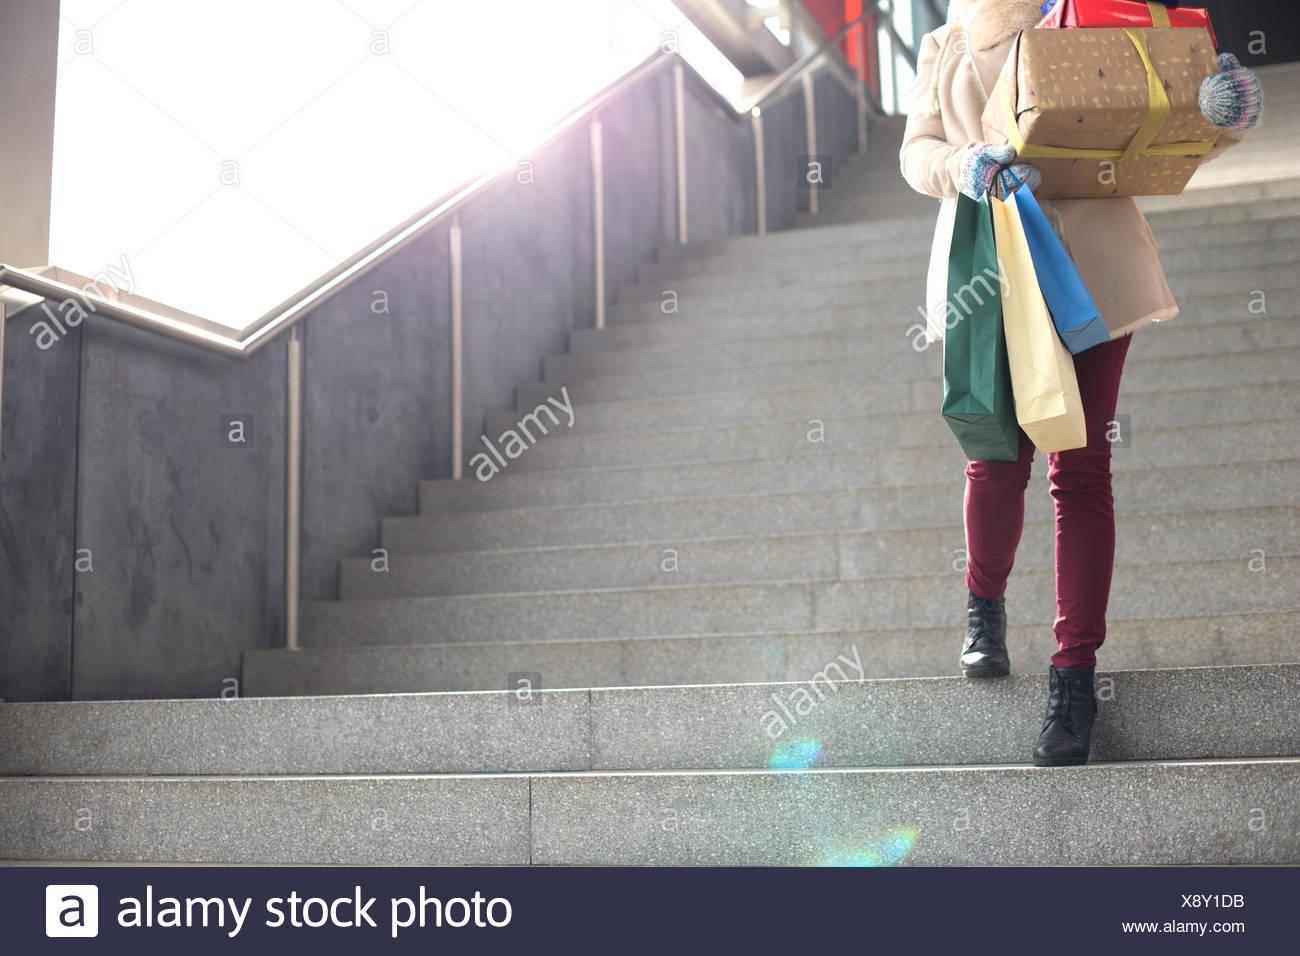 Basso angolo di visione della donna con doni e borse per lo shopping si sta spostando verso il basso le fasi Immagini Stock